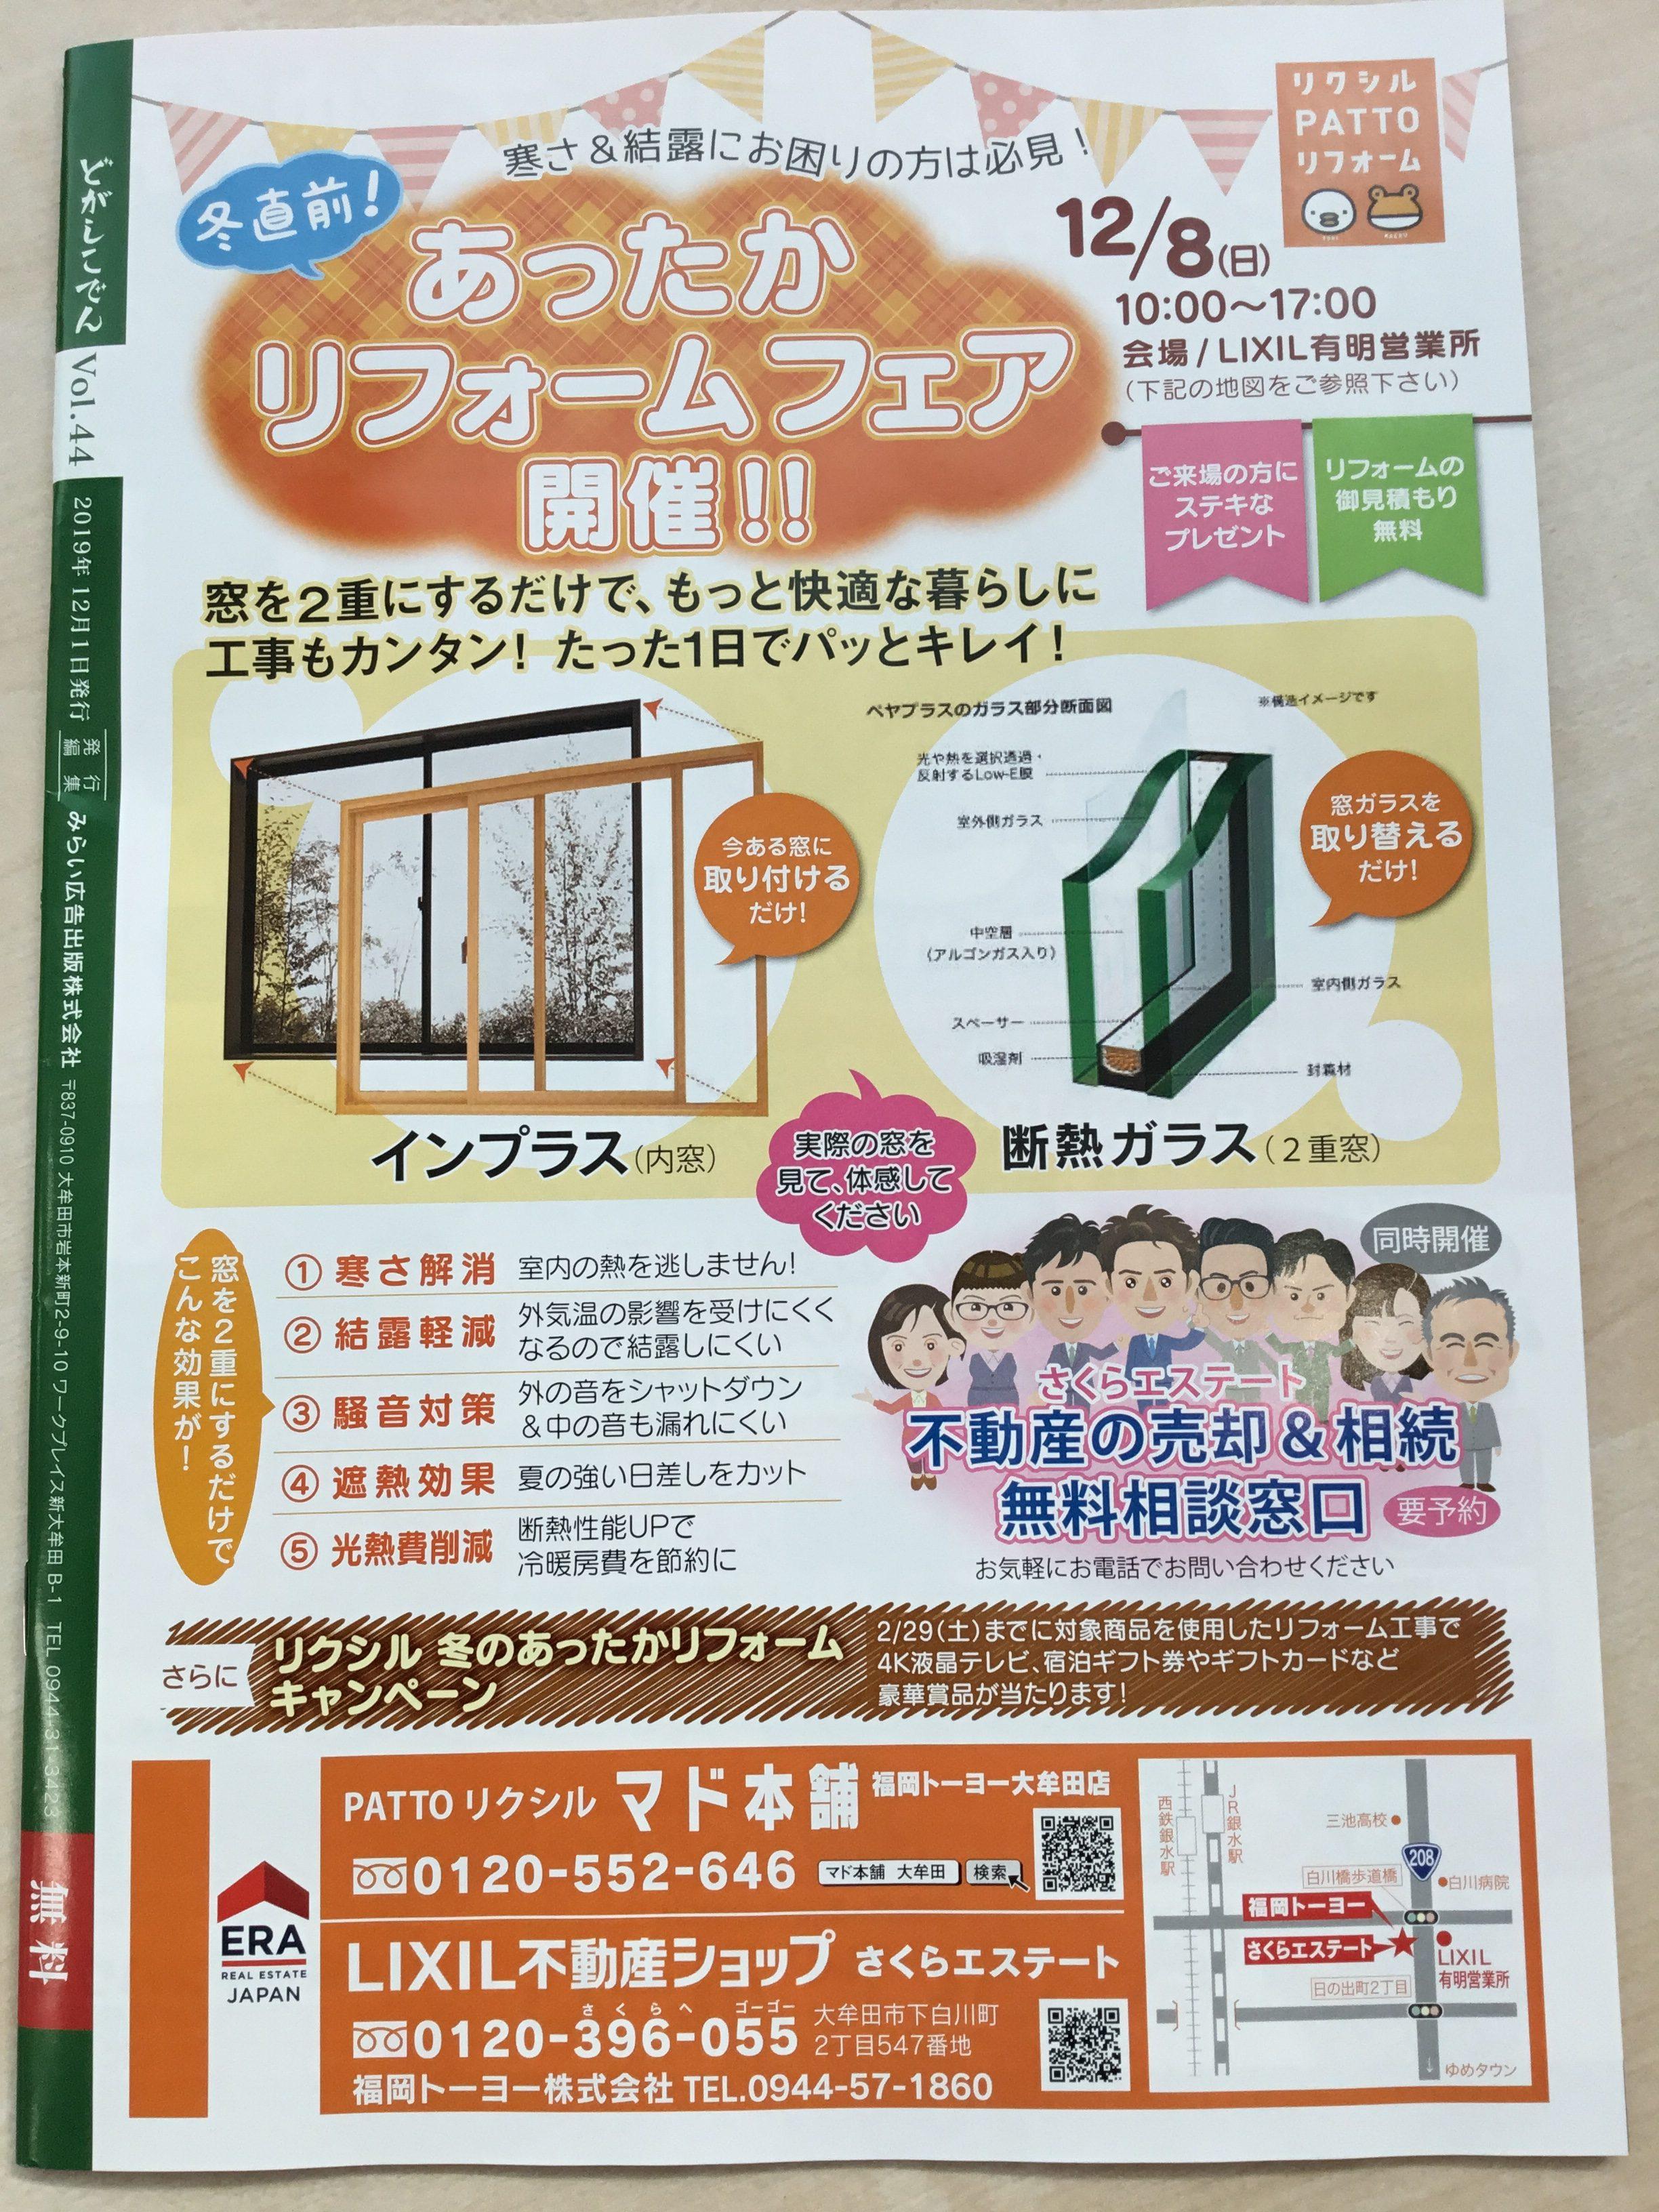 12月号どがしこでん 福岡トーヨー 大牟田店のイベントキャンペーン メイン写真